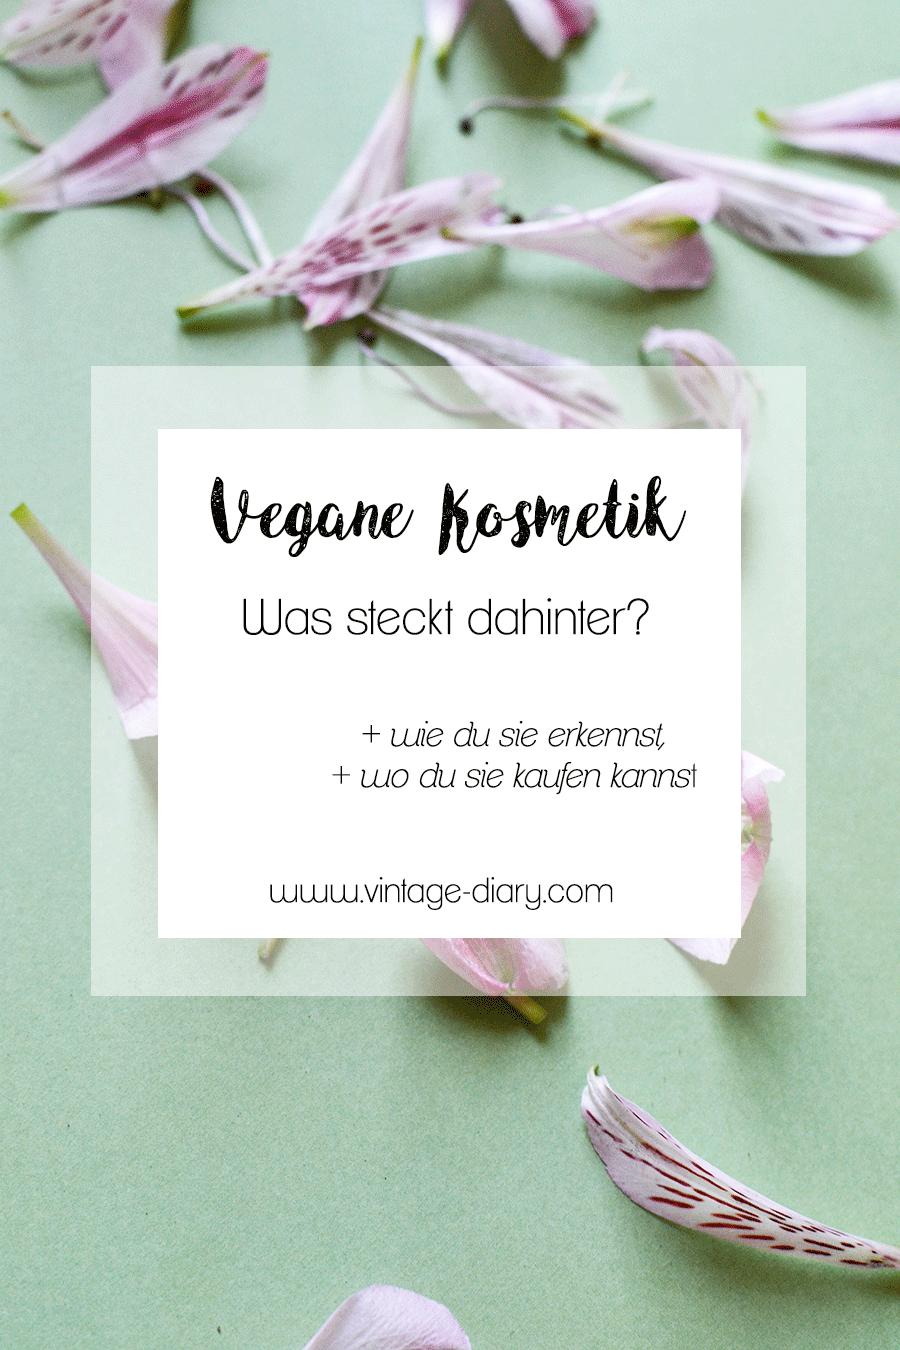 Anzeige | Vegane Kosmetik - Was steckt dahinter?